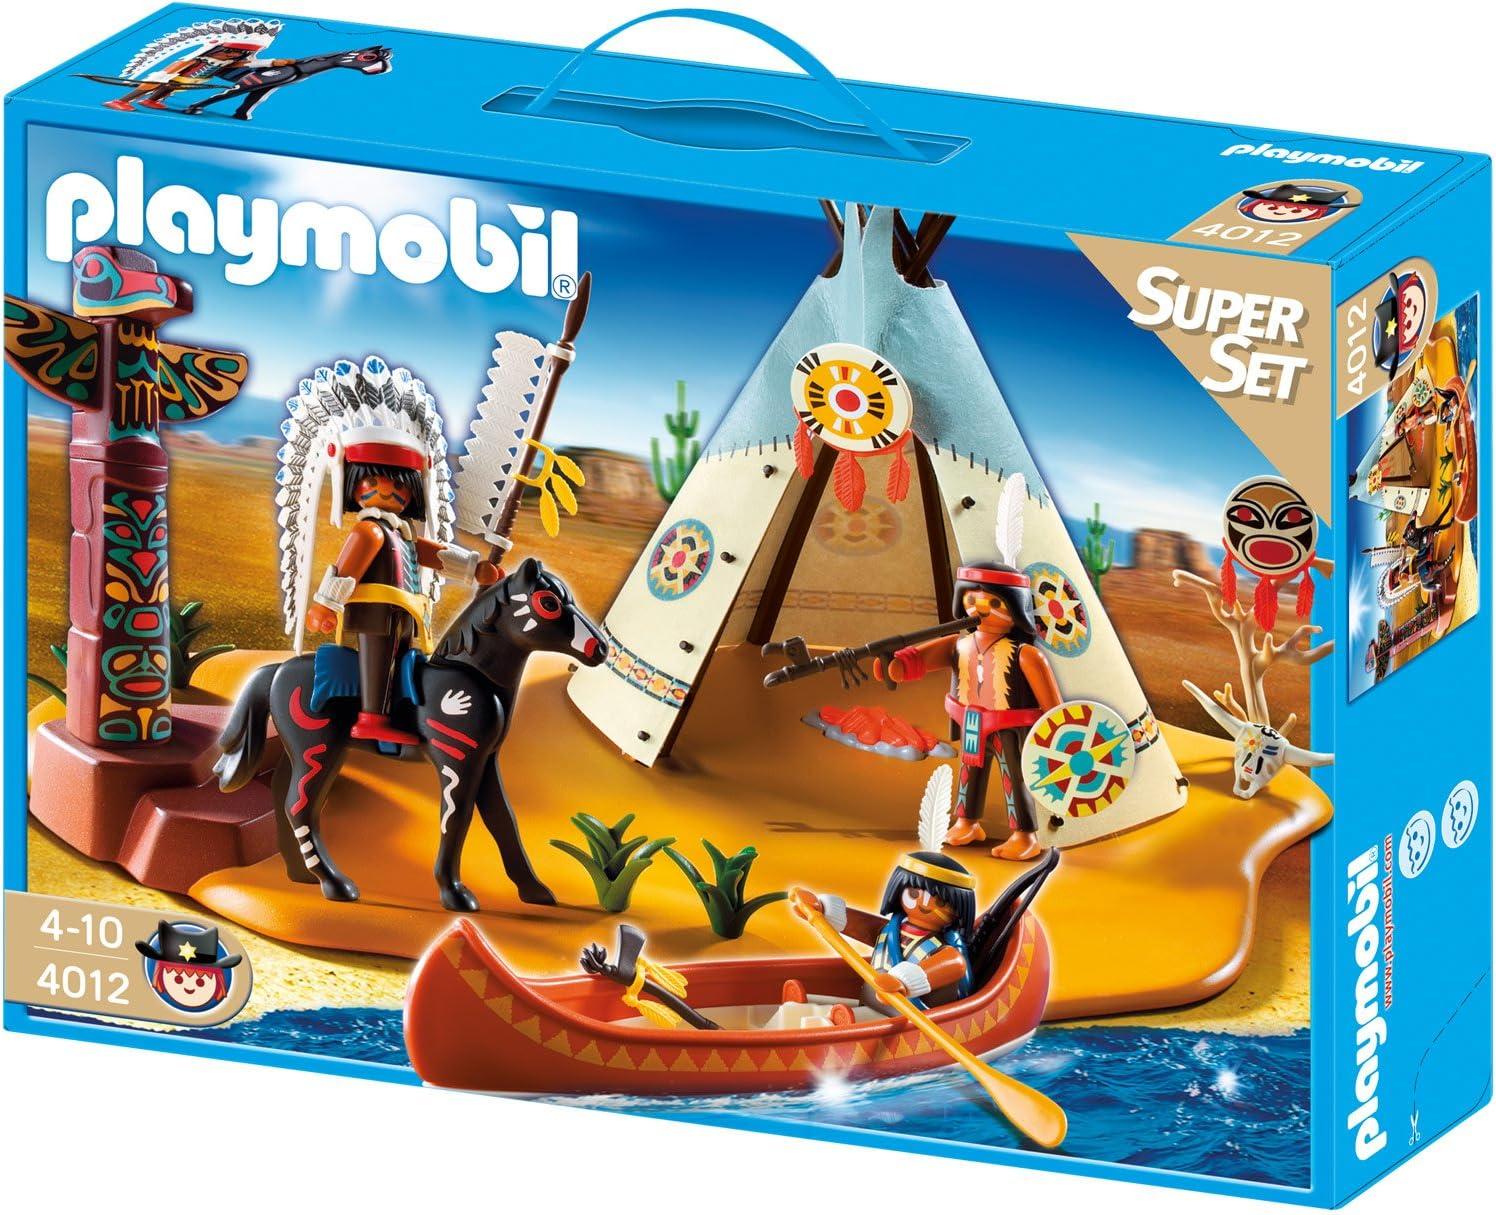 Playmobil Indianer Zelt, Spielzeug günstig gebraucht kaufen